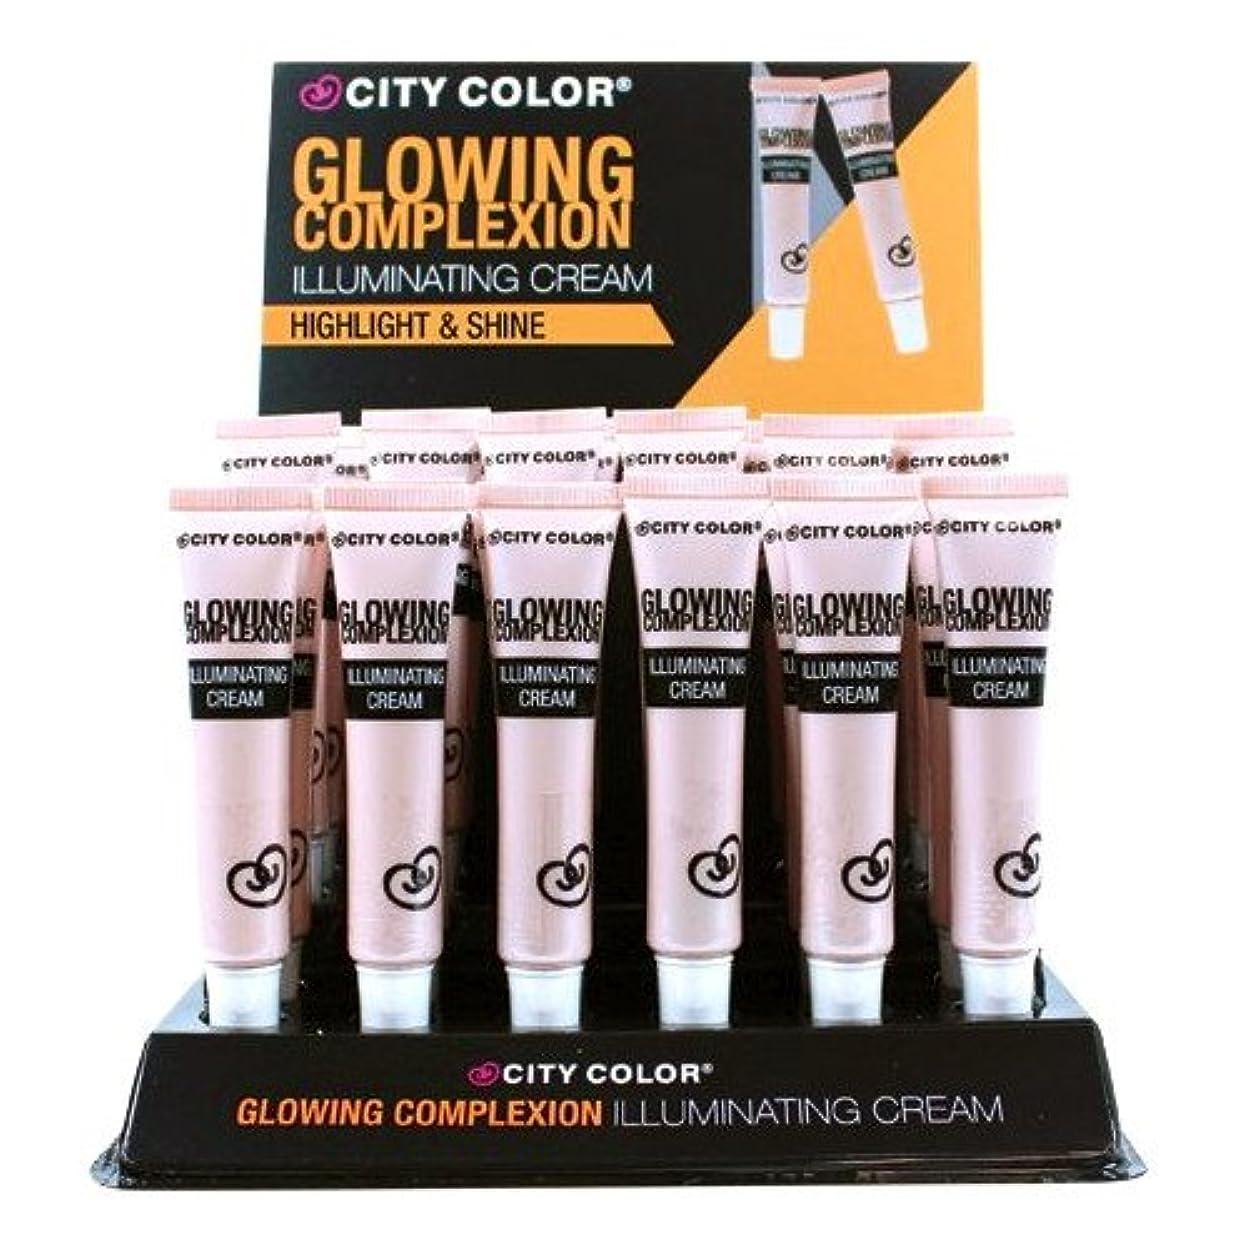 含める骨規制CITY COLOR Glowing Complexion Illuminating Cream Luminous Dewy Glow Display Case Set 24 Pieces (並行輸入品)